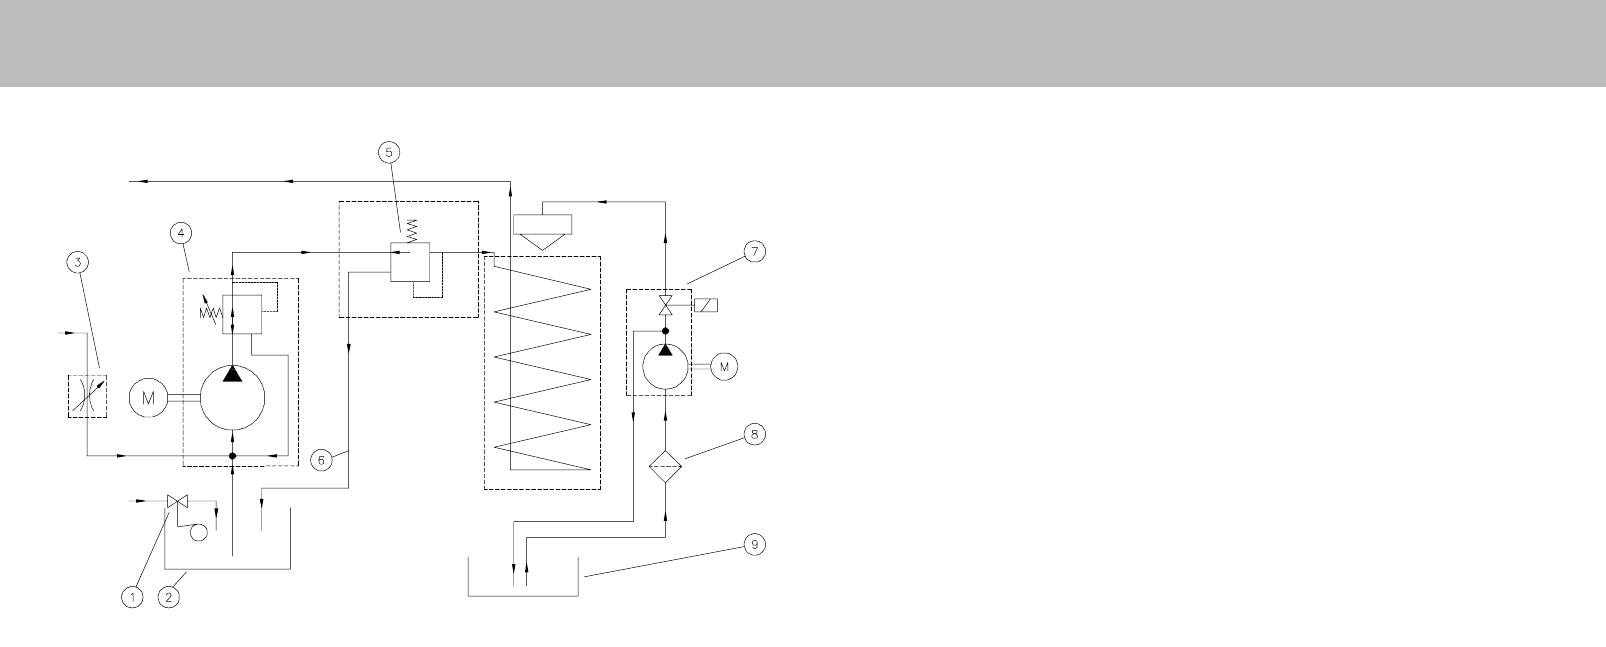 Handleiding Kranzle Therm 890 (pagina 12 van 27) (Deutsch)